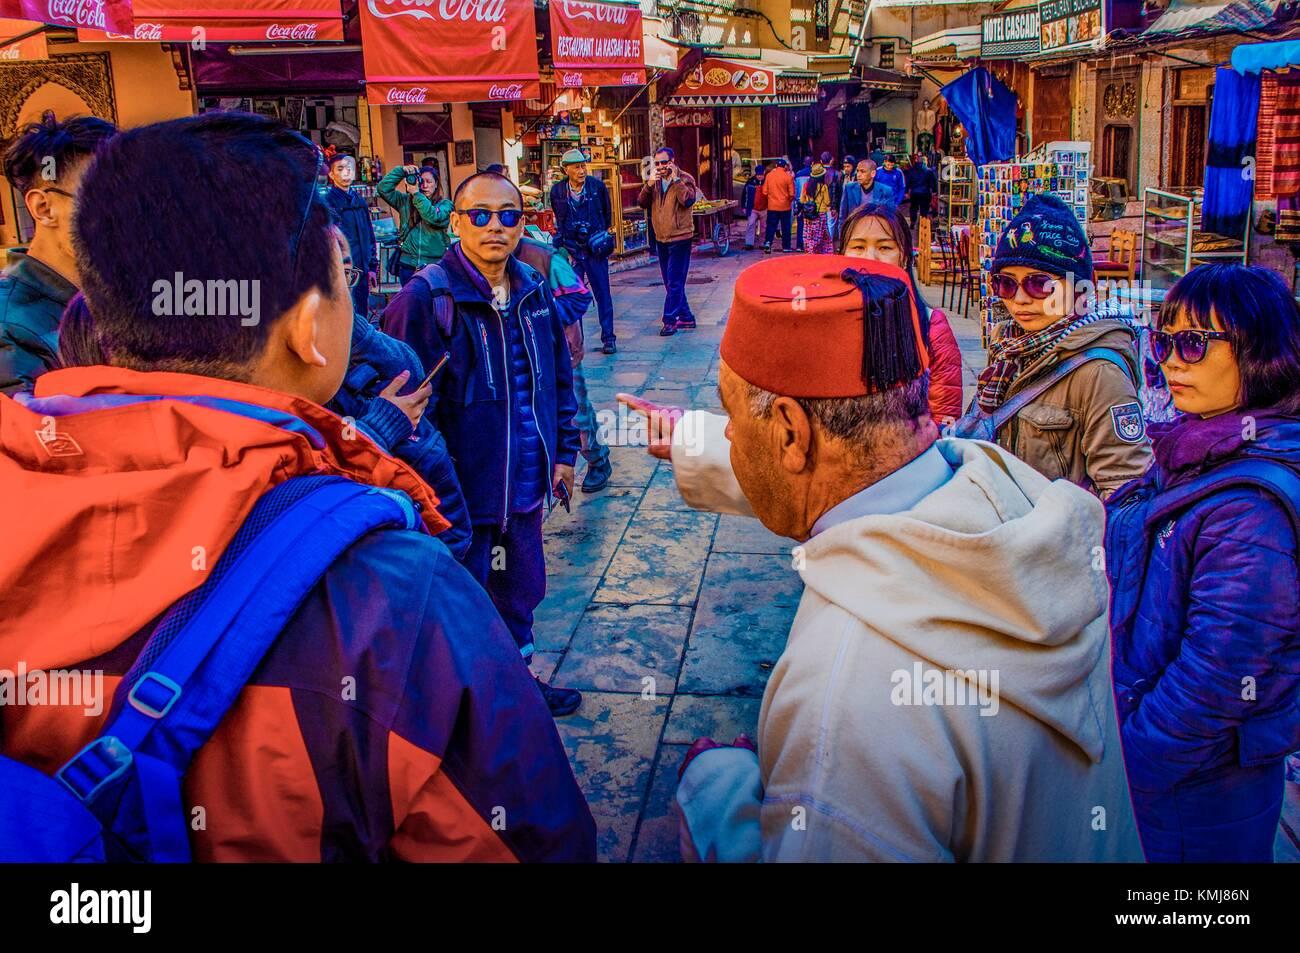 Il Marocco, Fes, un tour con guida di turisti asiatici, nel ''Medina'' (parte Vecchia) di Fes. Immagini Stock